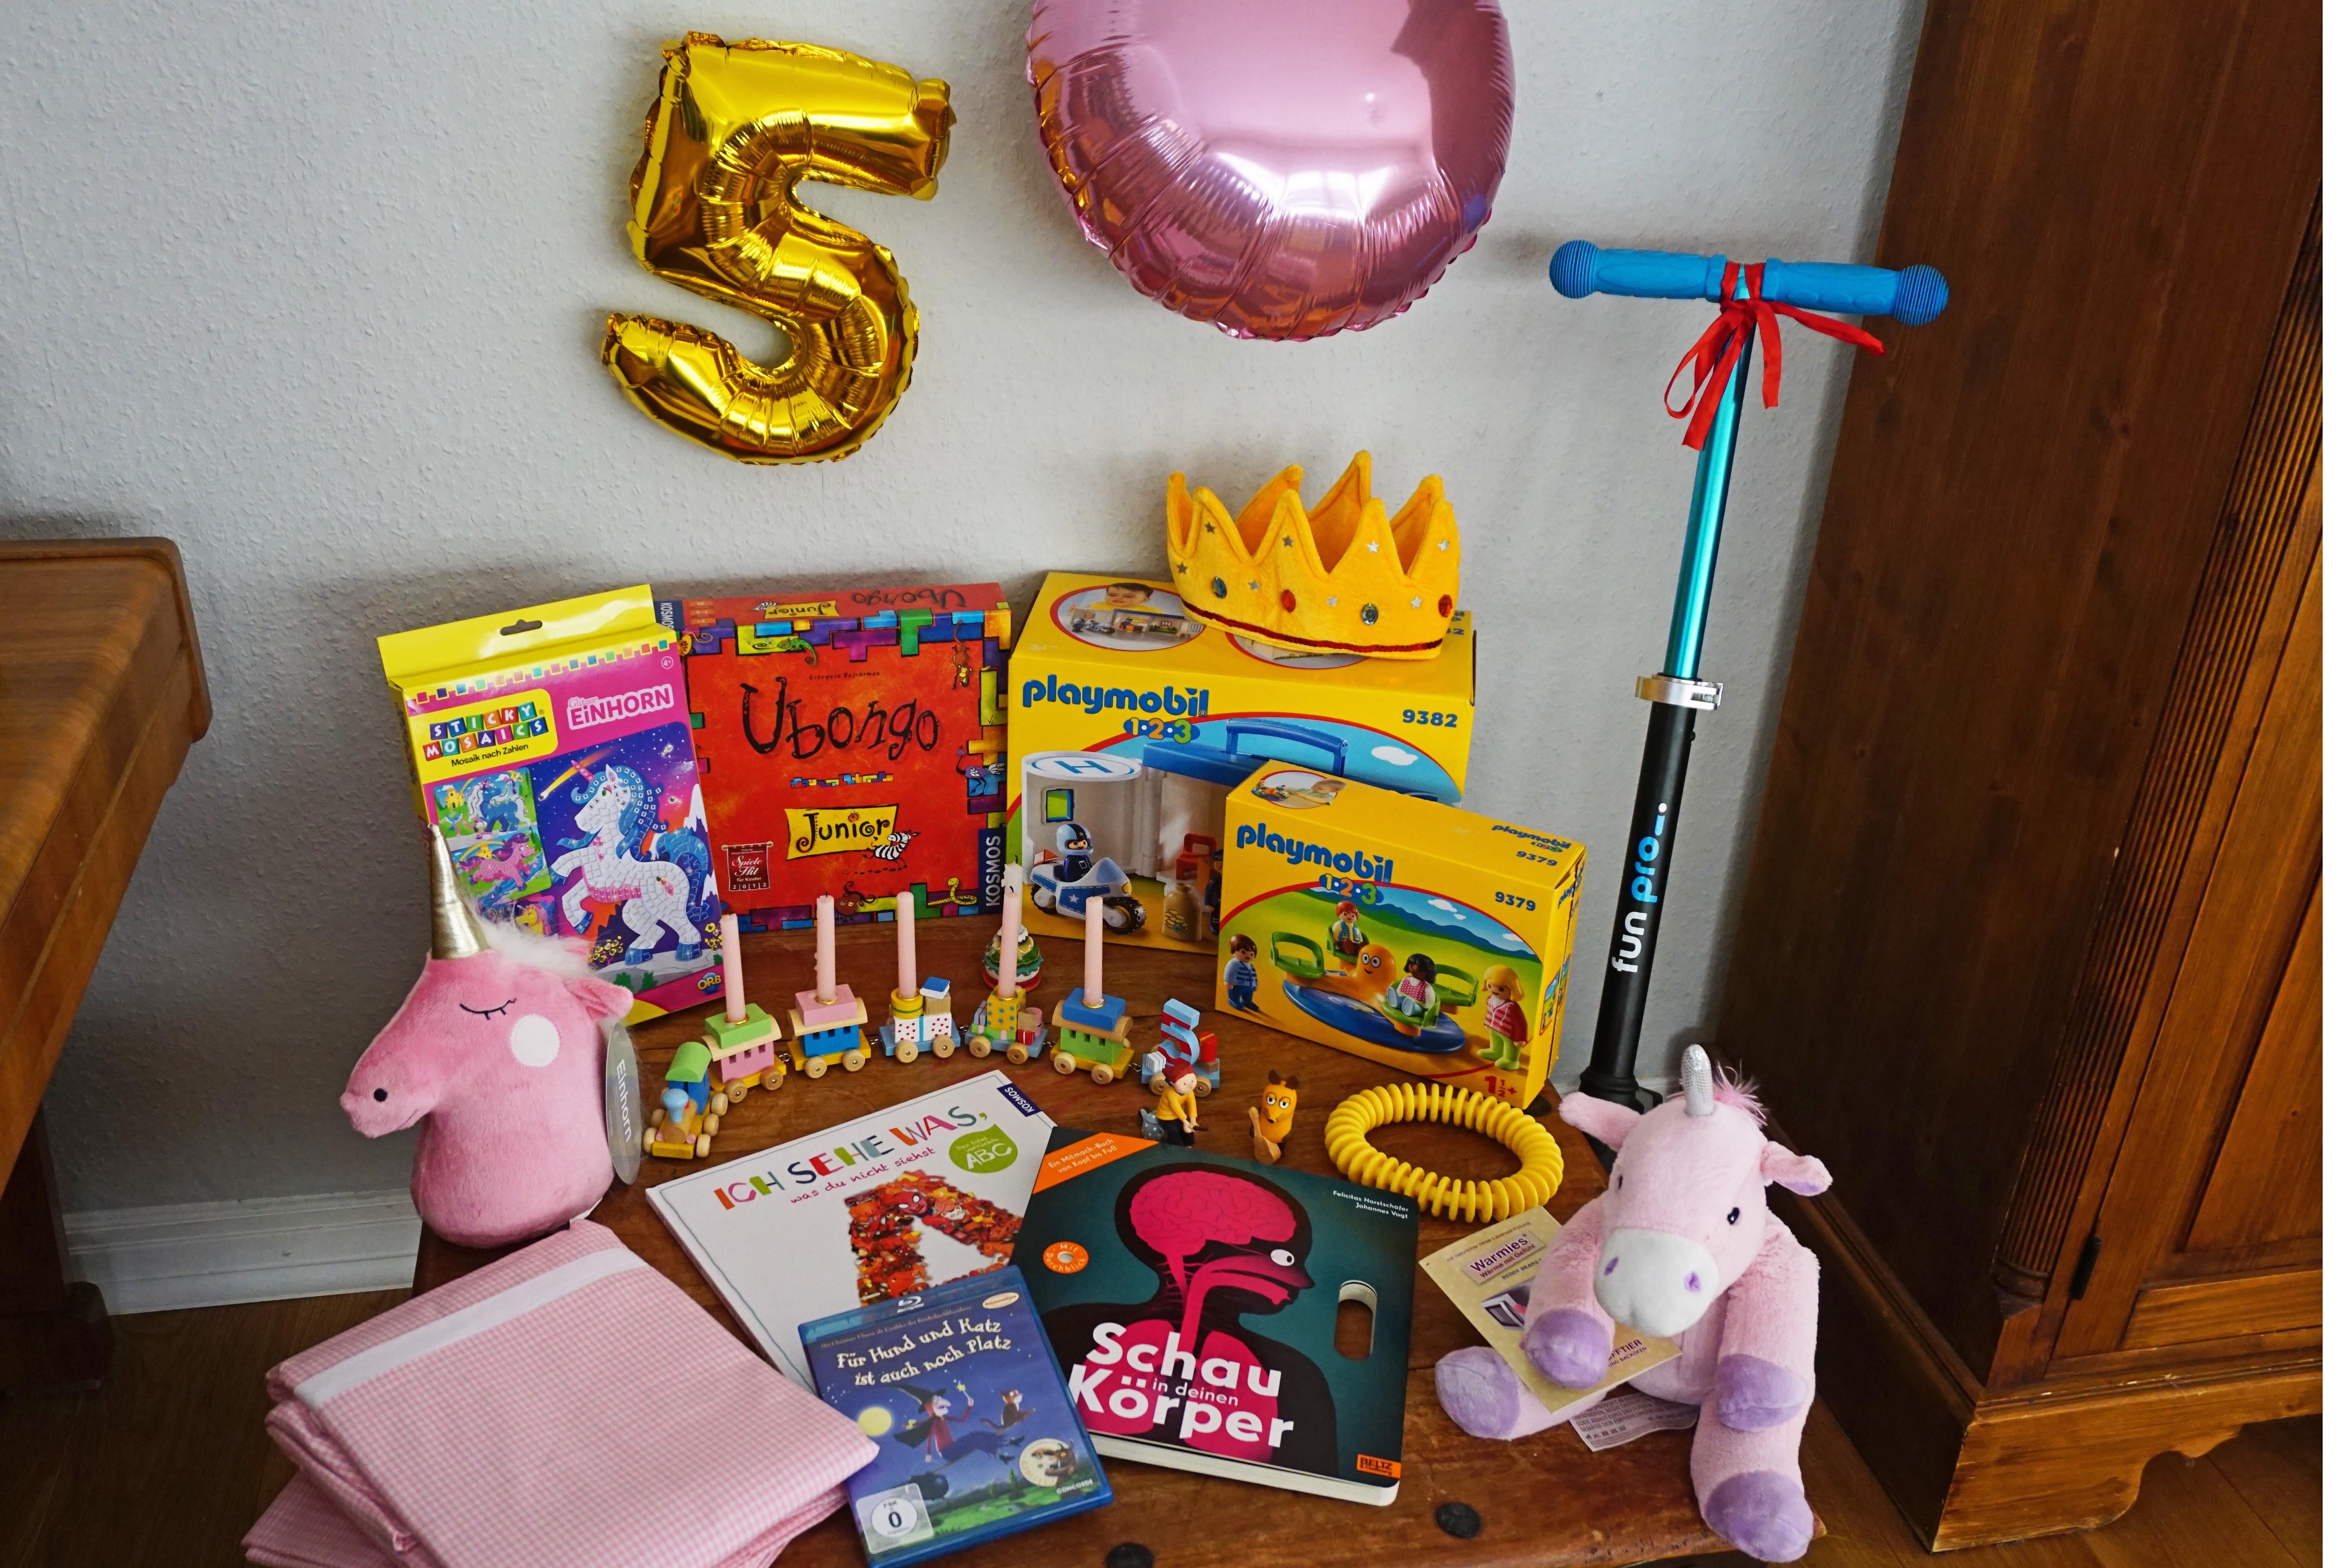 Geschenke Mädchen 2 Jahre  Schöne Geschenke zum 5 Geburtstag Mädchenmutter